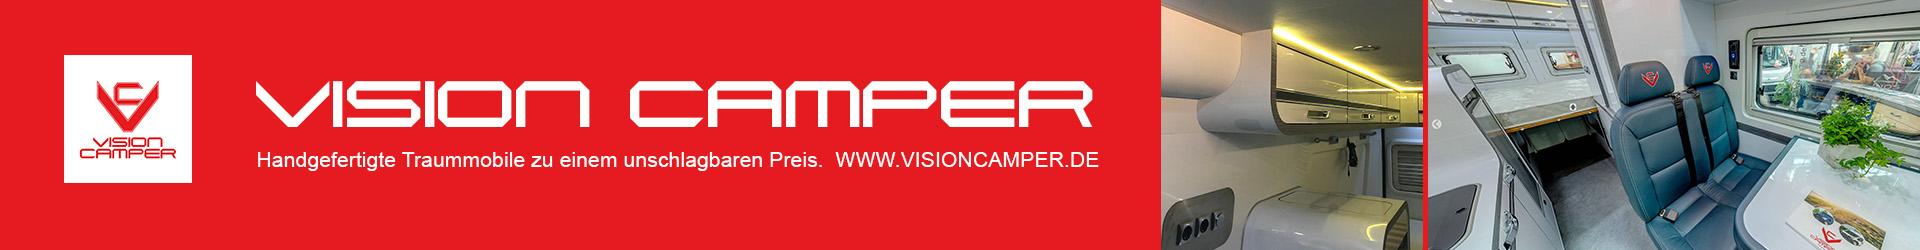 Vision Camper 2019